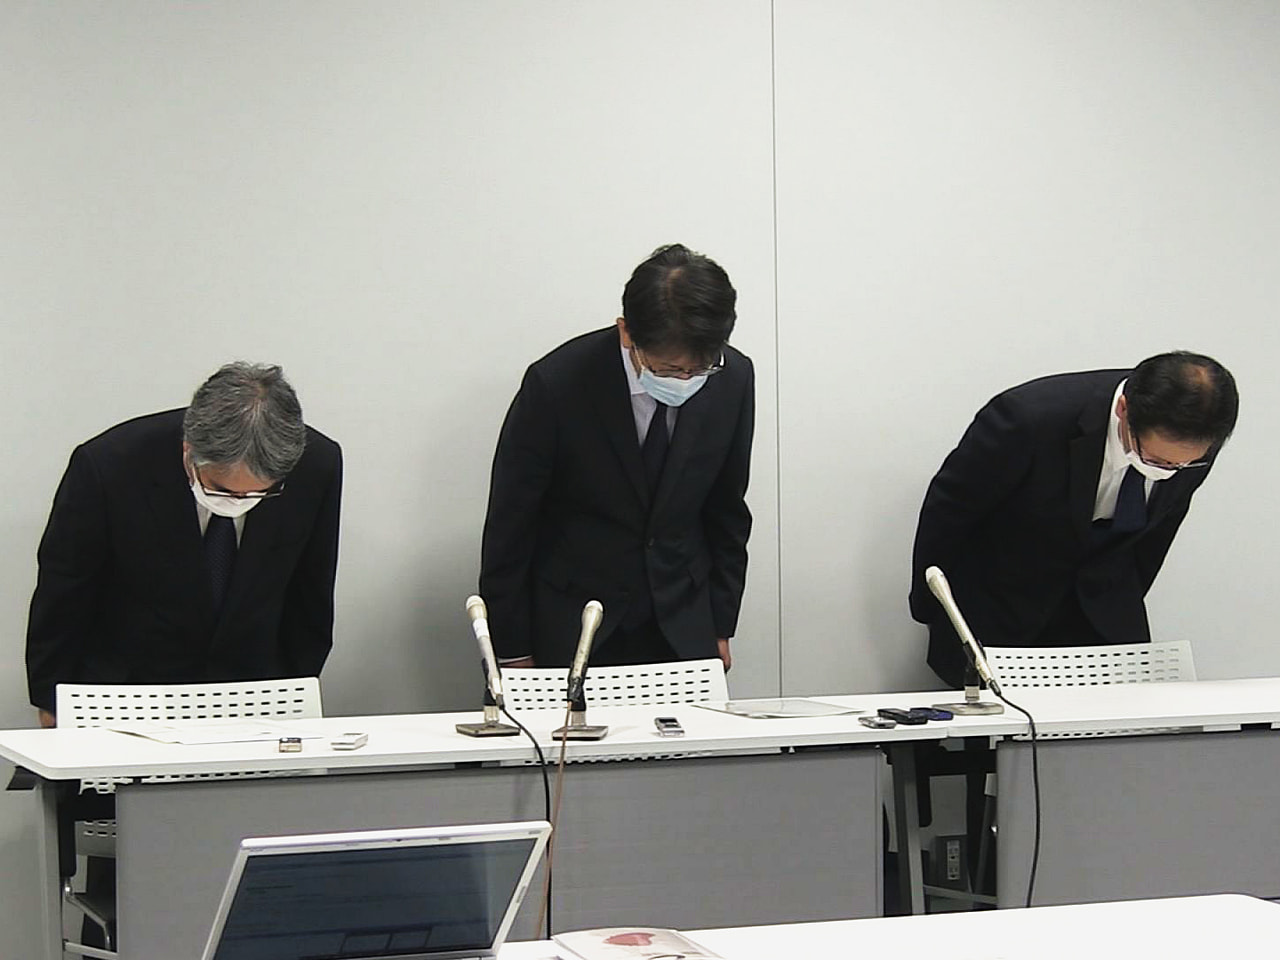 岐阜市民病院に入院した80代の女性が、心臓カテーテル検査のミスにより脳梗塞を起こ...